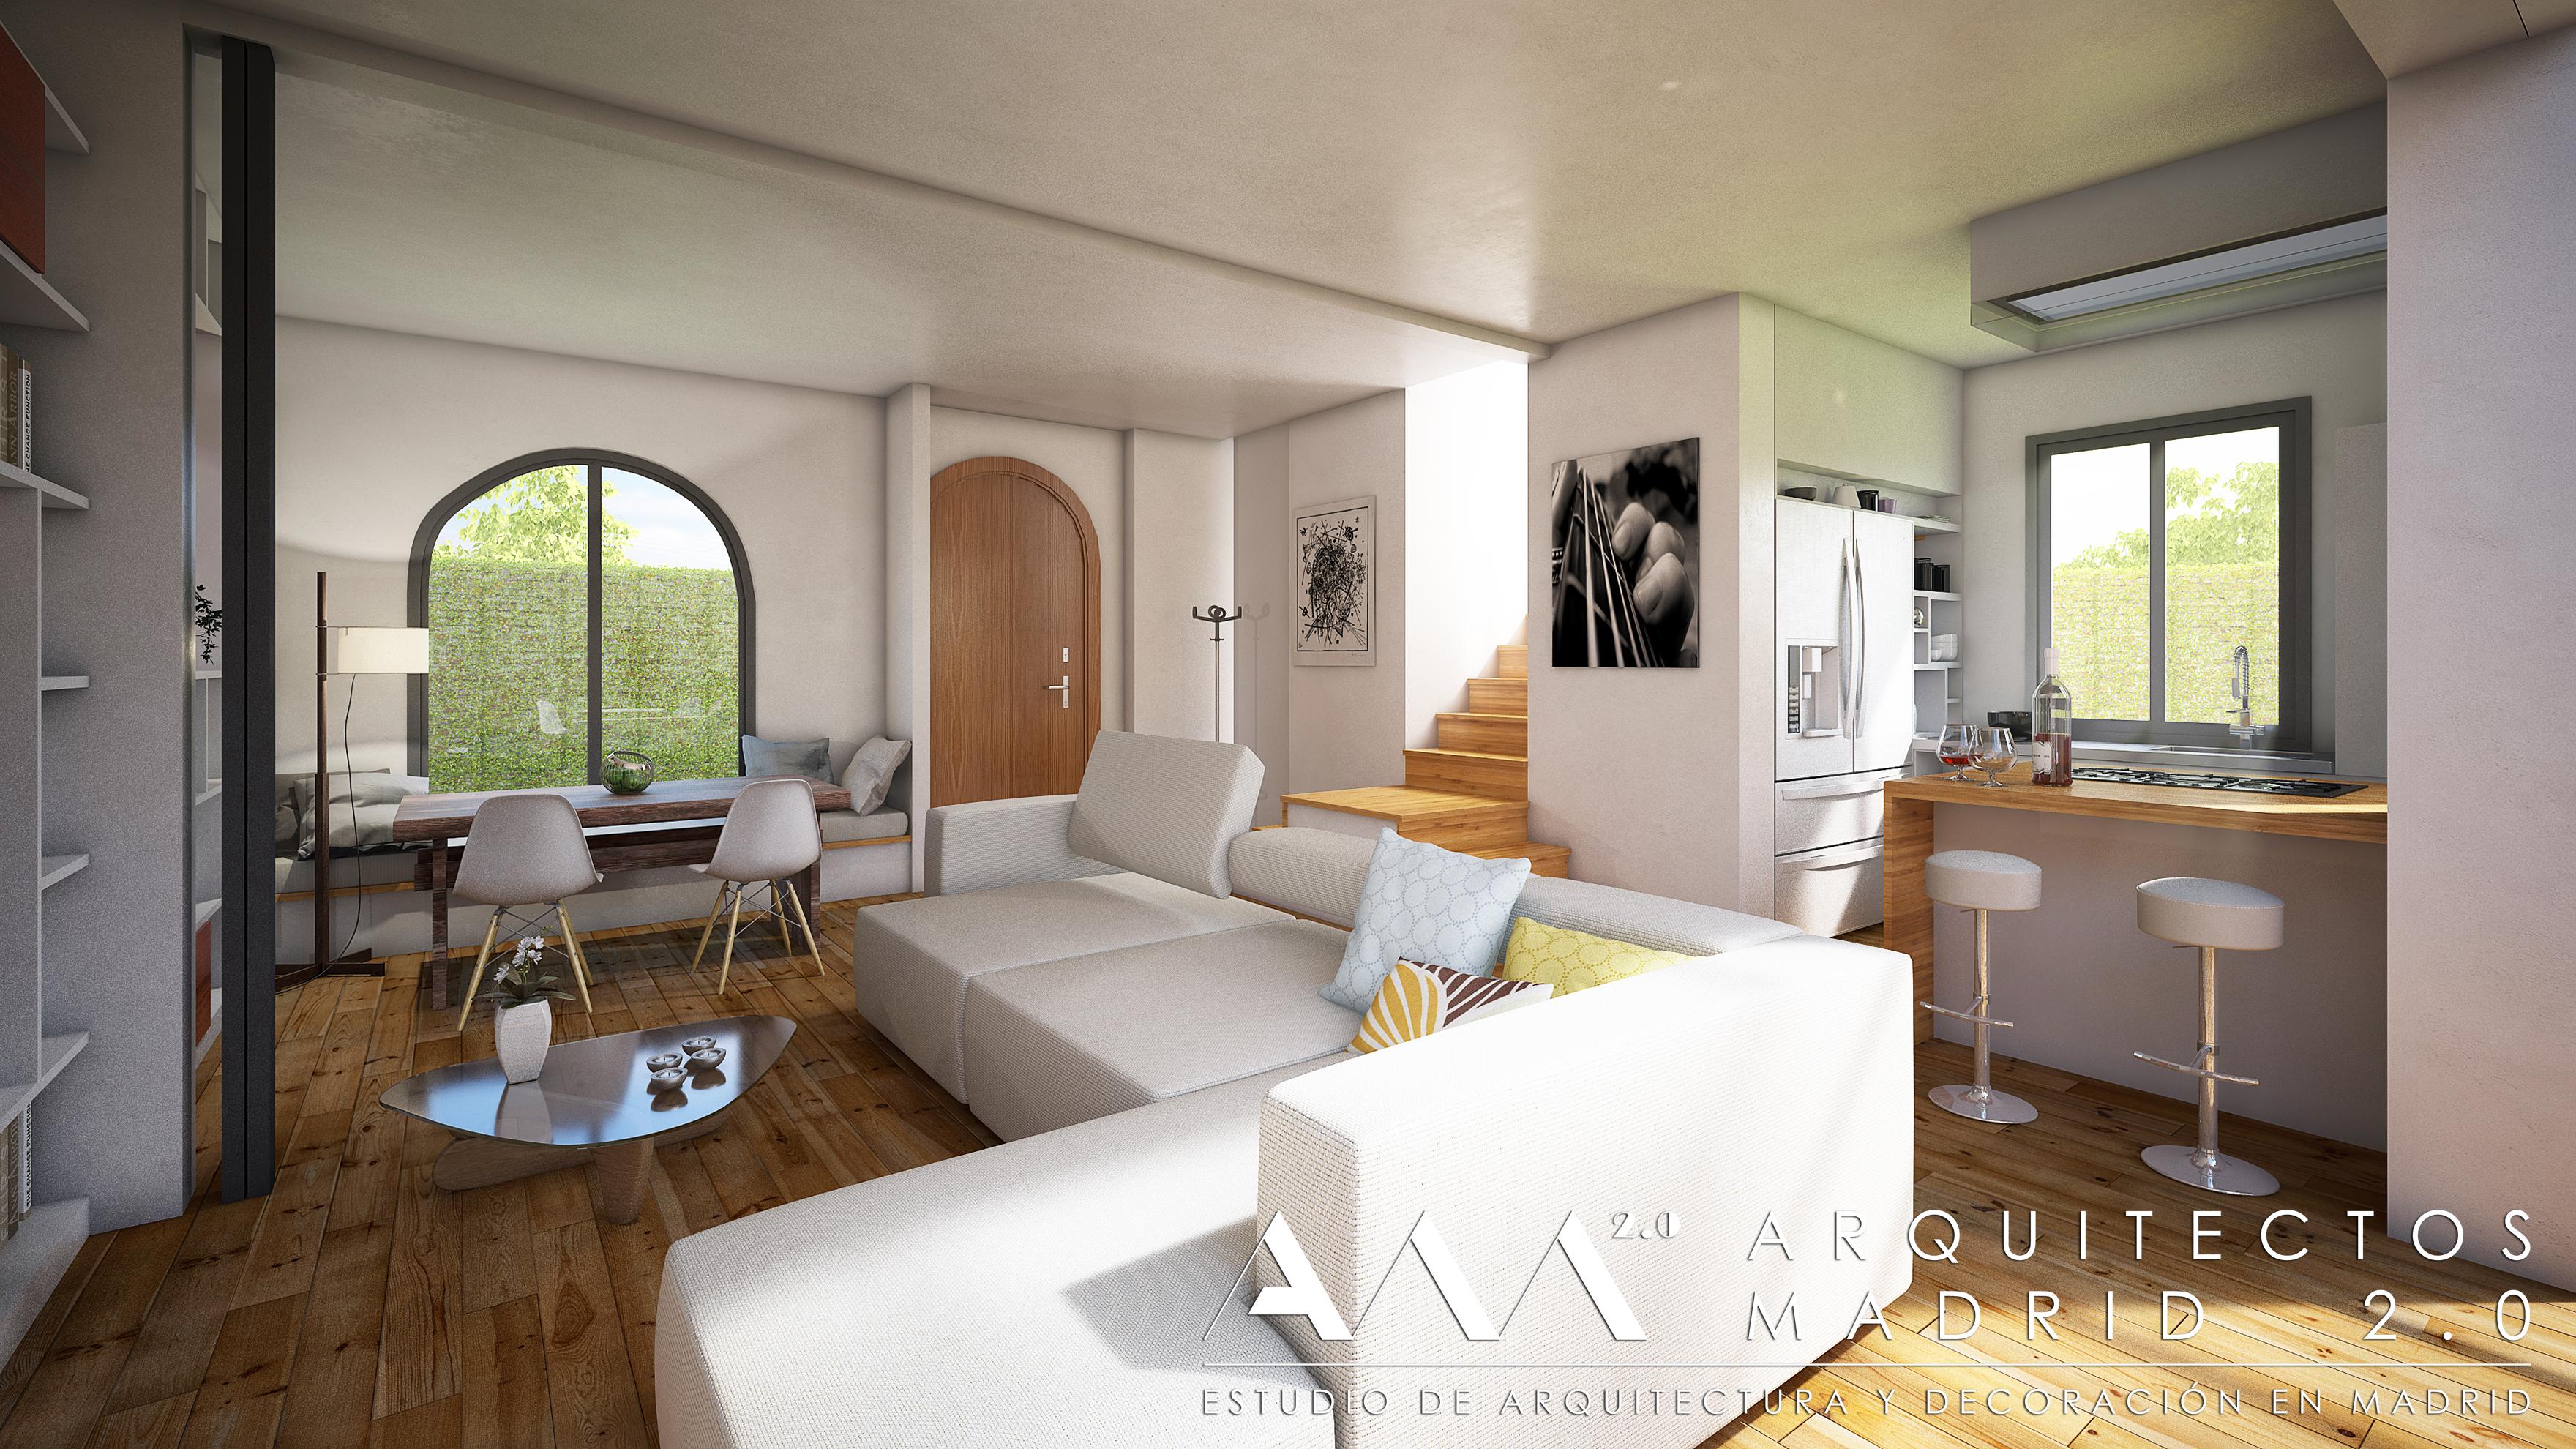 proyectos-reformas-integrales-viviendas-unifamiliares-reforma-chalet-casa-en-madrid-arquitectos-01